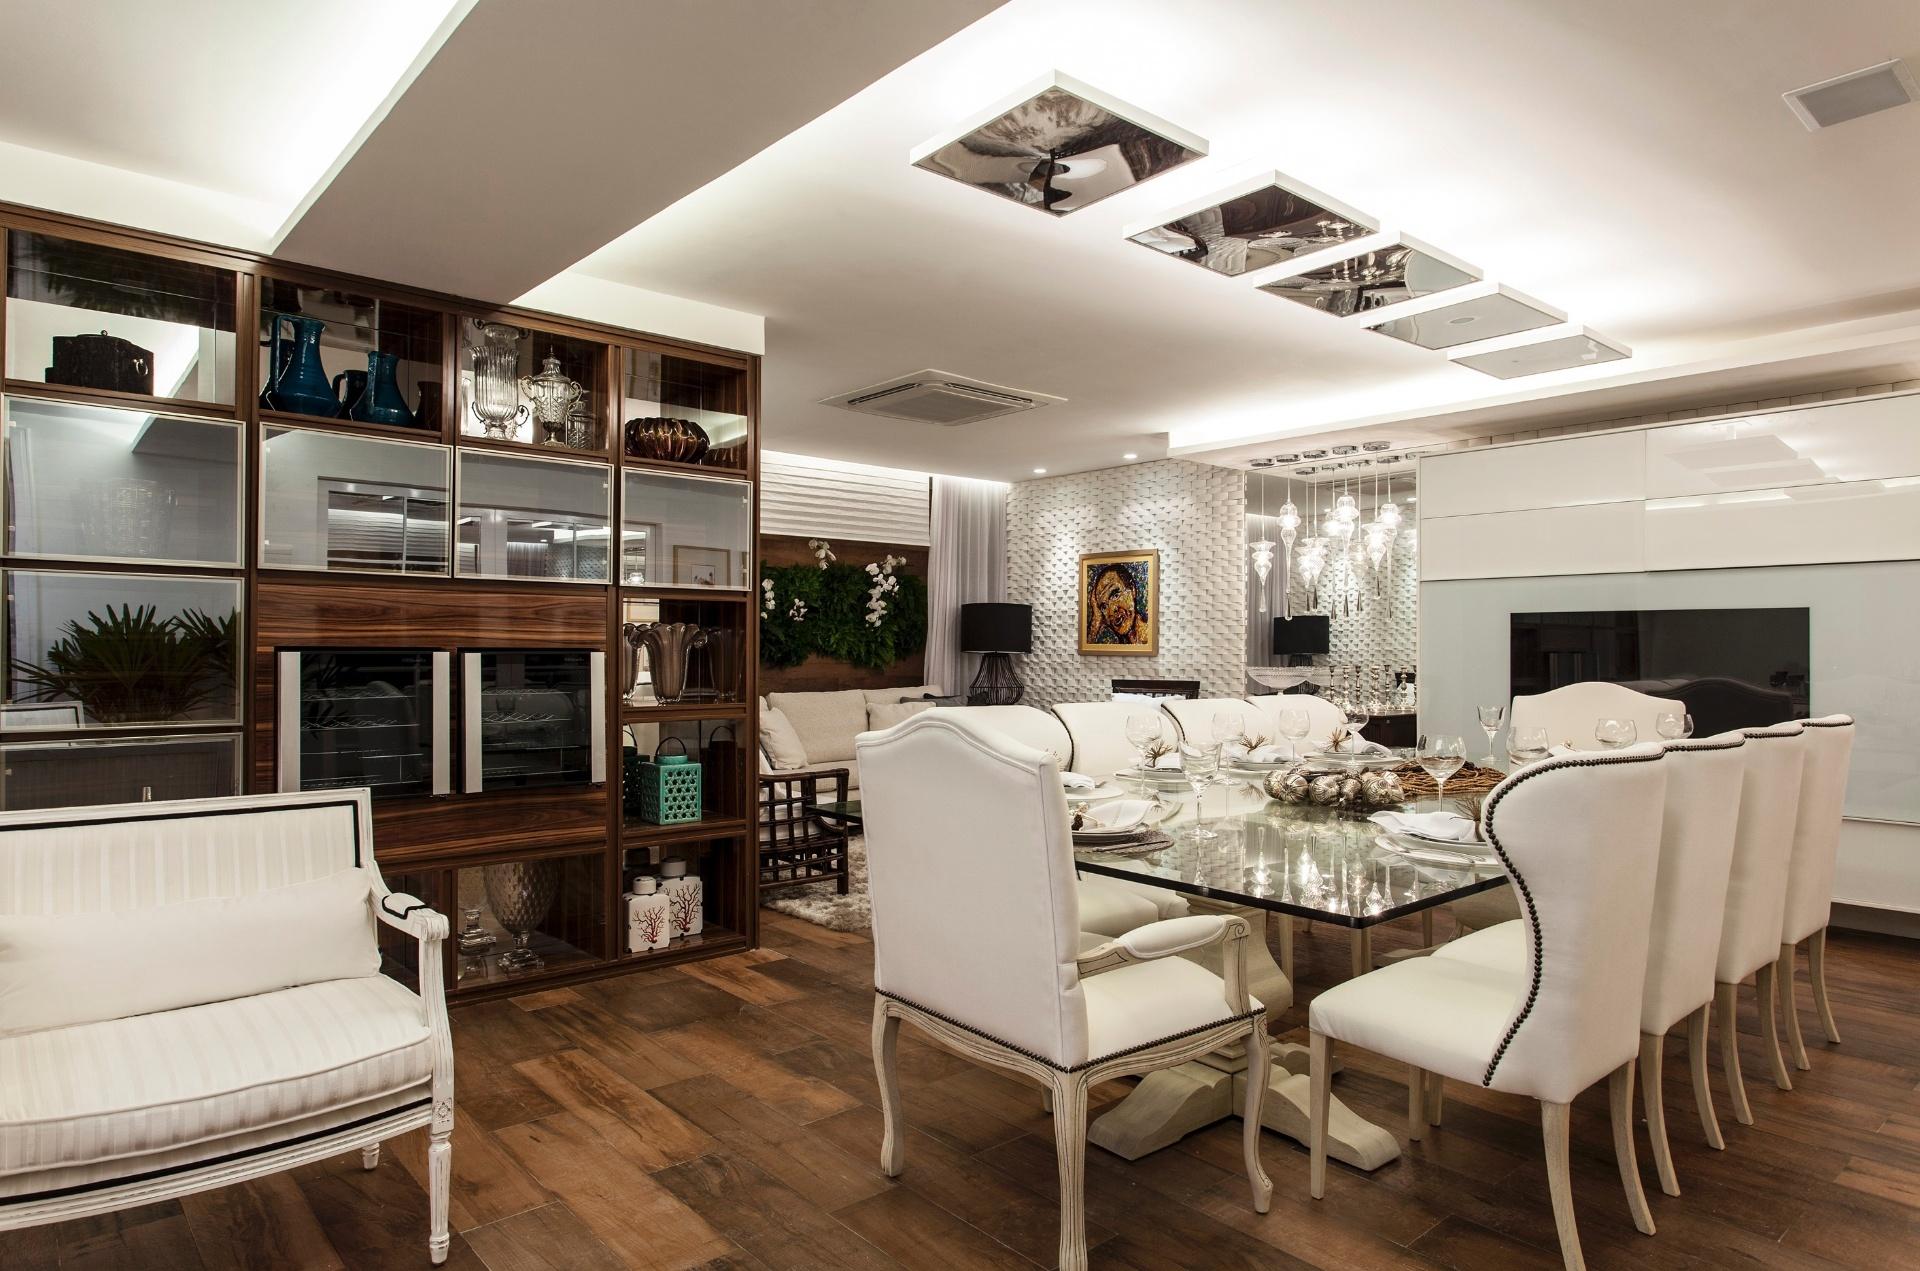 acf644e070eae Salas de jantar  ideias para decorar o ambiente - BOL Fotos - BOL Fotos